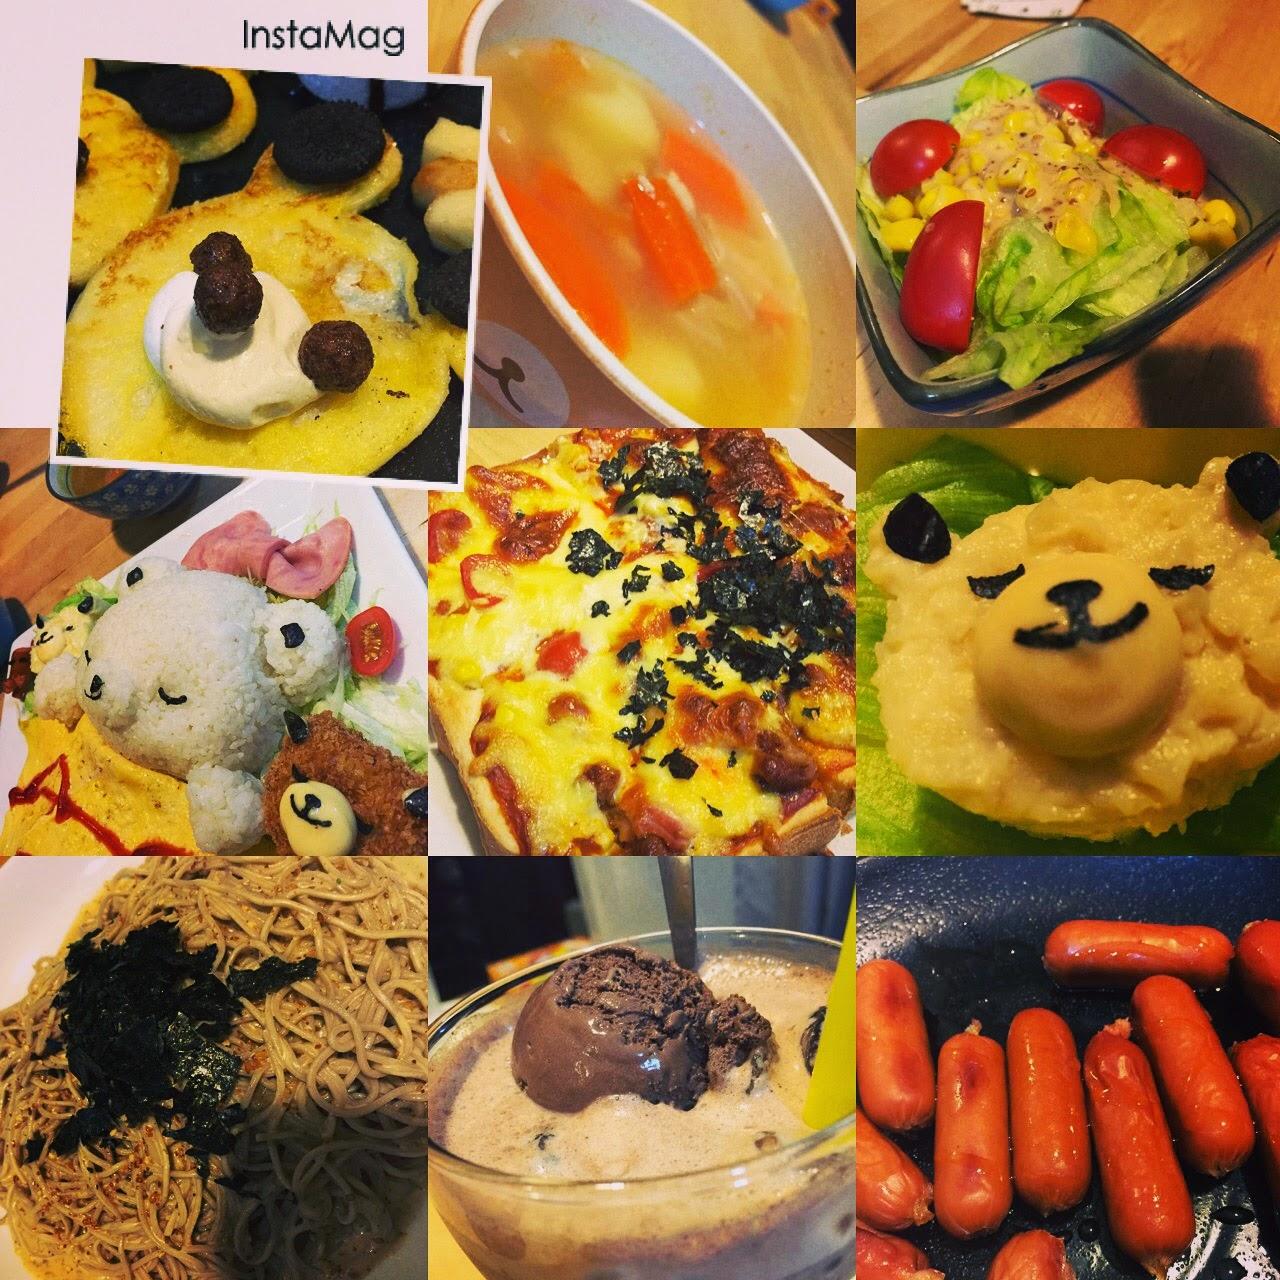 九龍 旺角 J-Point CAFE 全日點喫茶店 大人的兒童餐 甜睡的小熊家族 班戟配肉桂蘋果 冷麵 腸仔 朱古力飲品